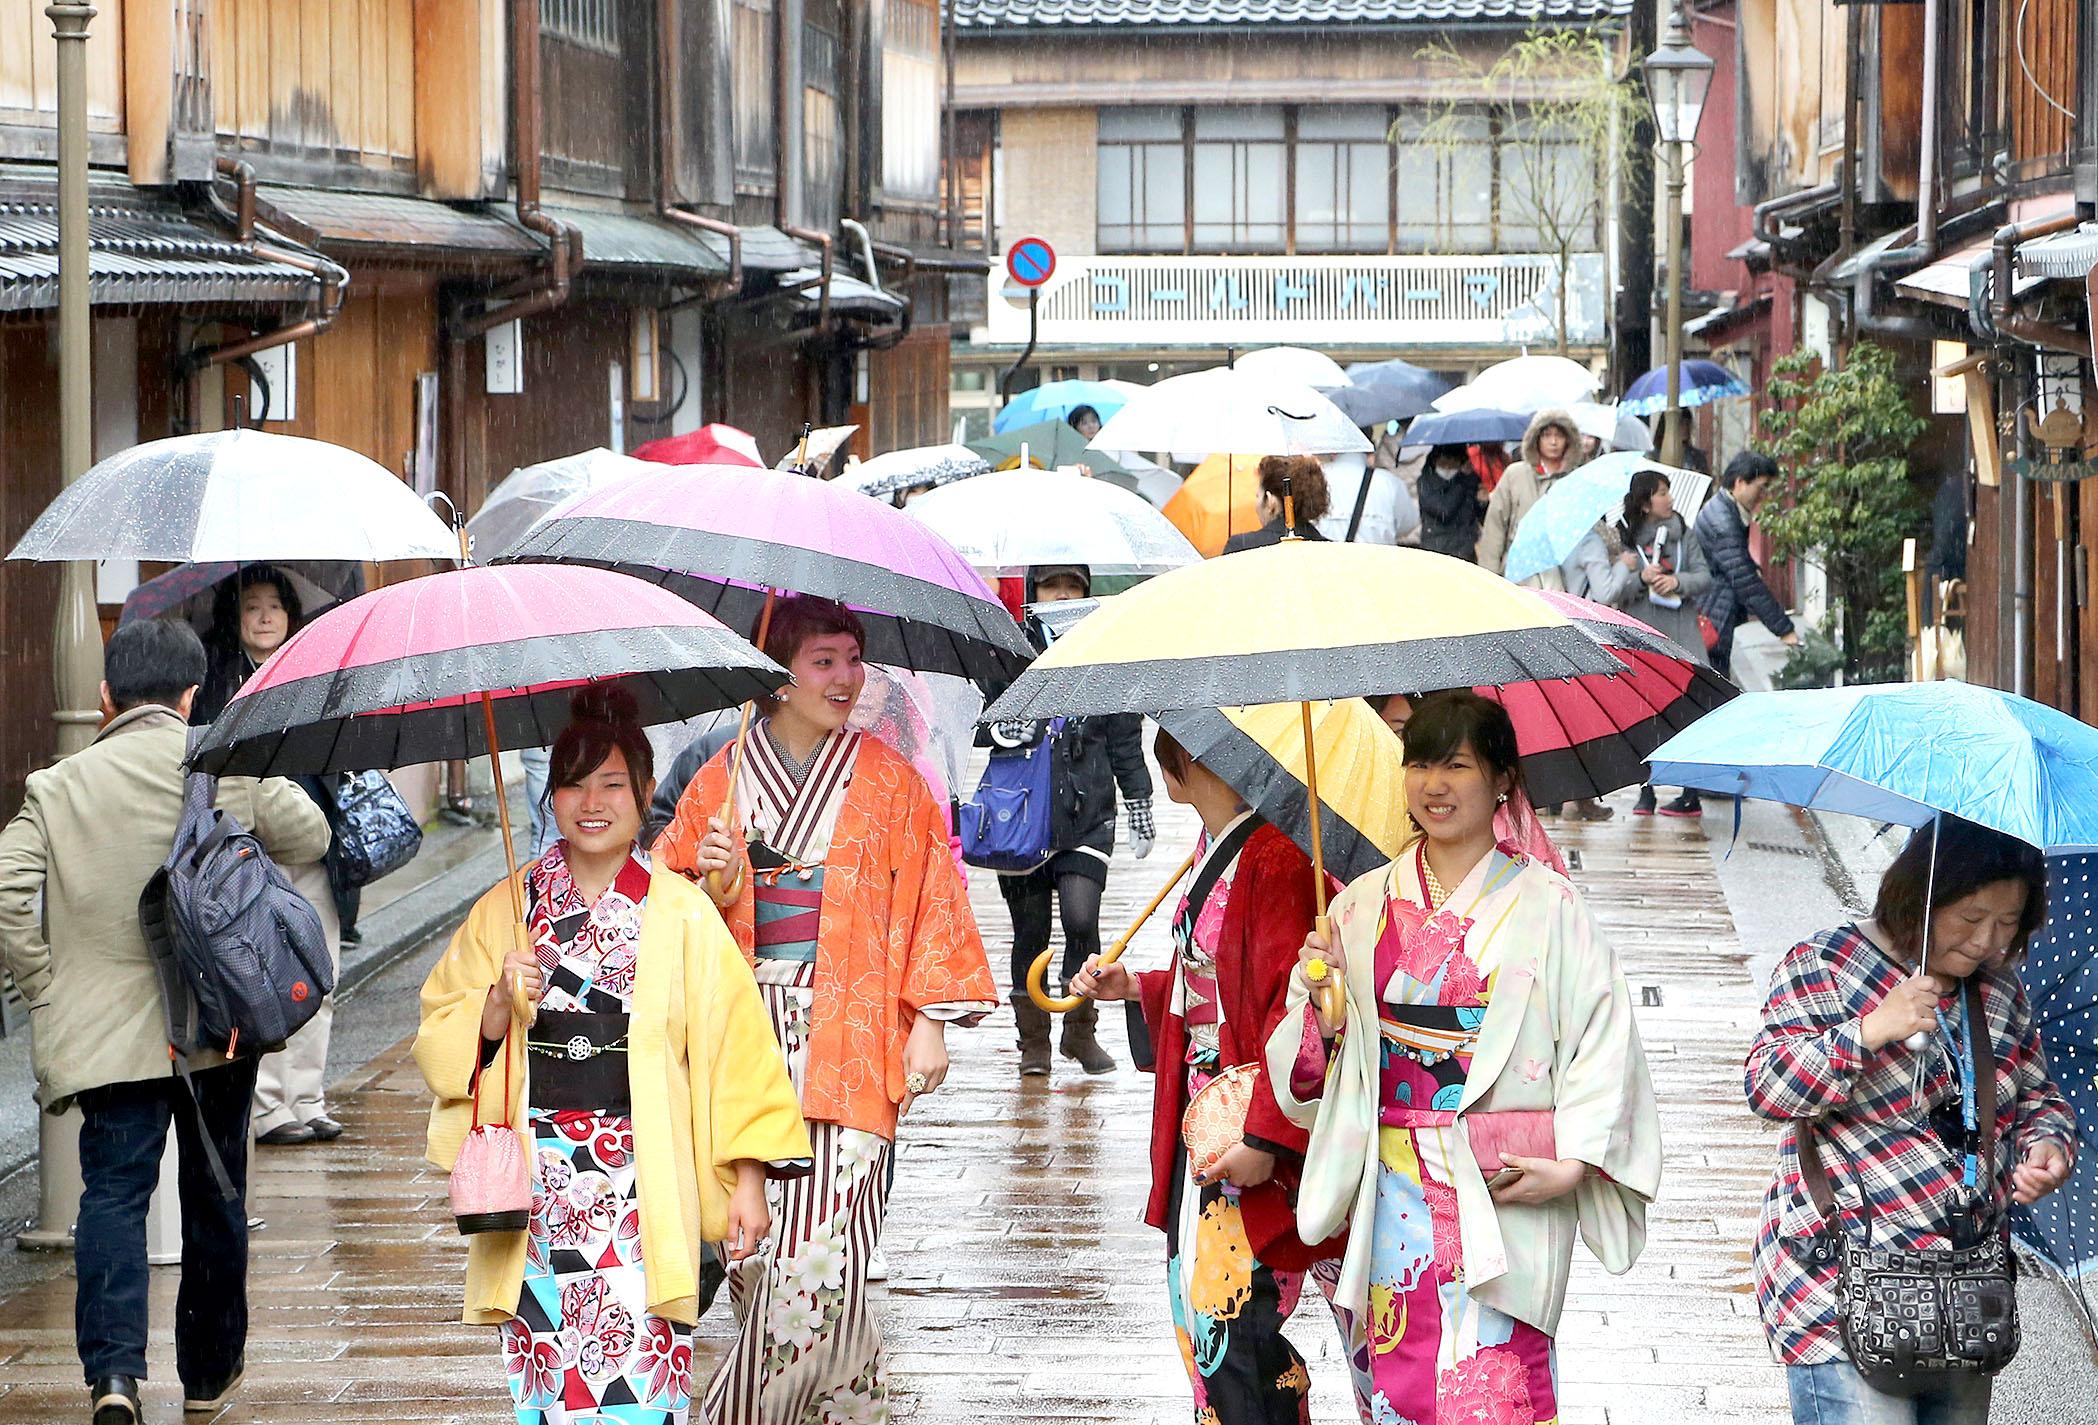 雨の中、散策を楽しむ観光客=金沢市東山1丁目